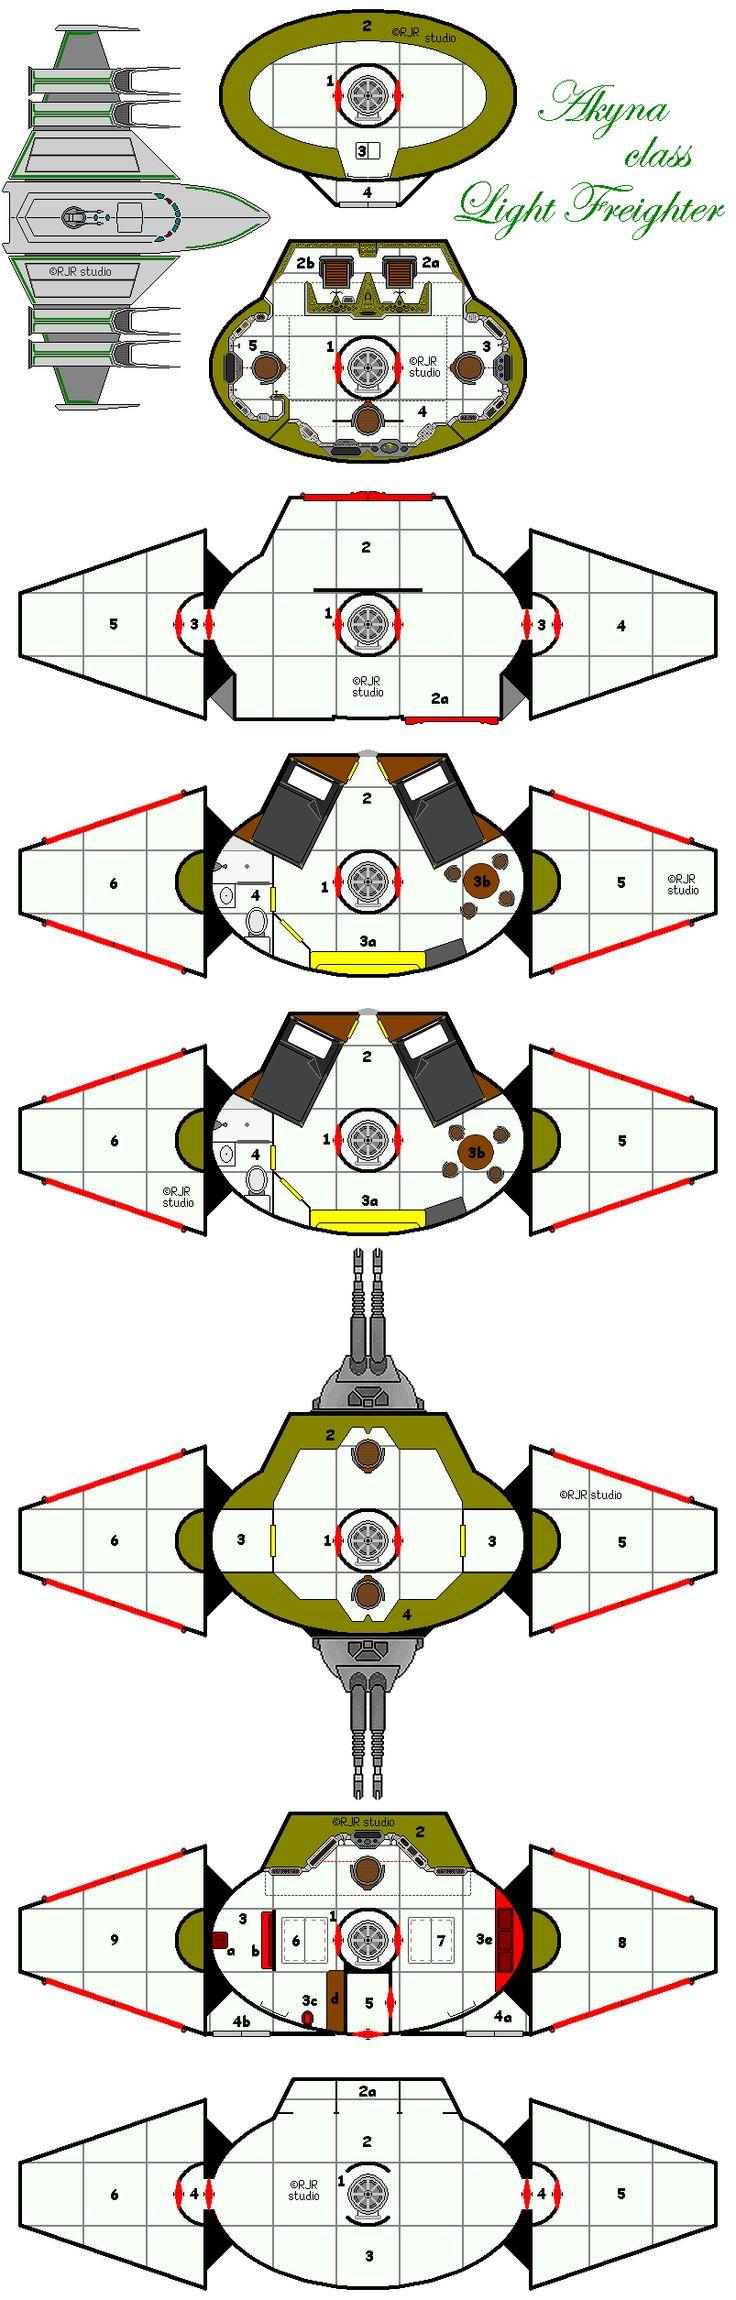 84 best deck plans images on pinterest deck plans spaceships image deck plansspace baanklon Choice Image